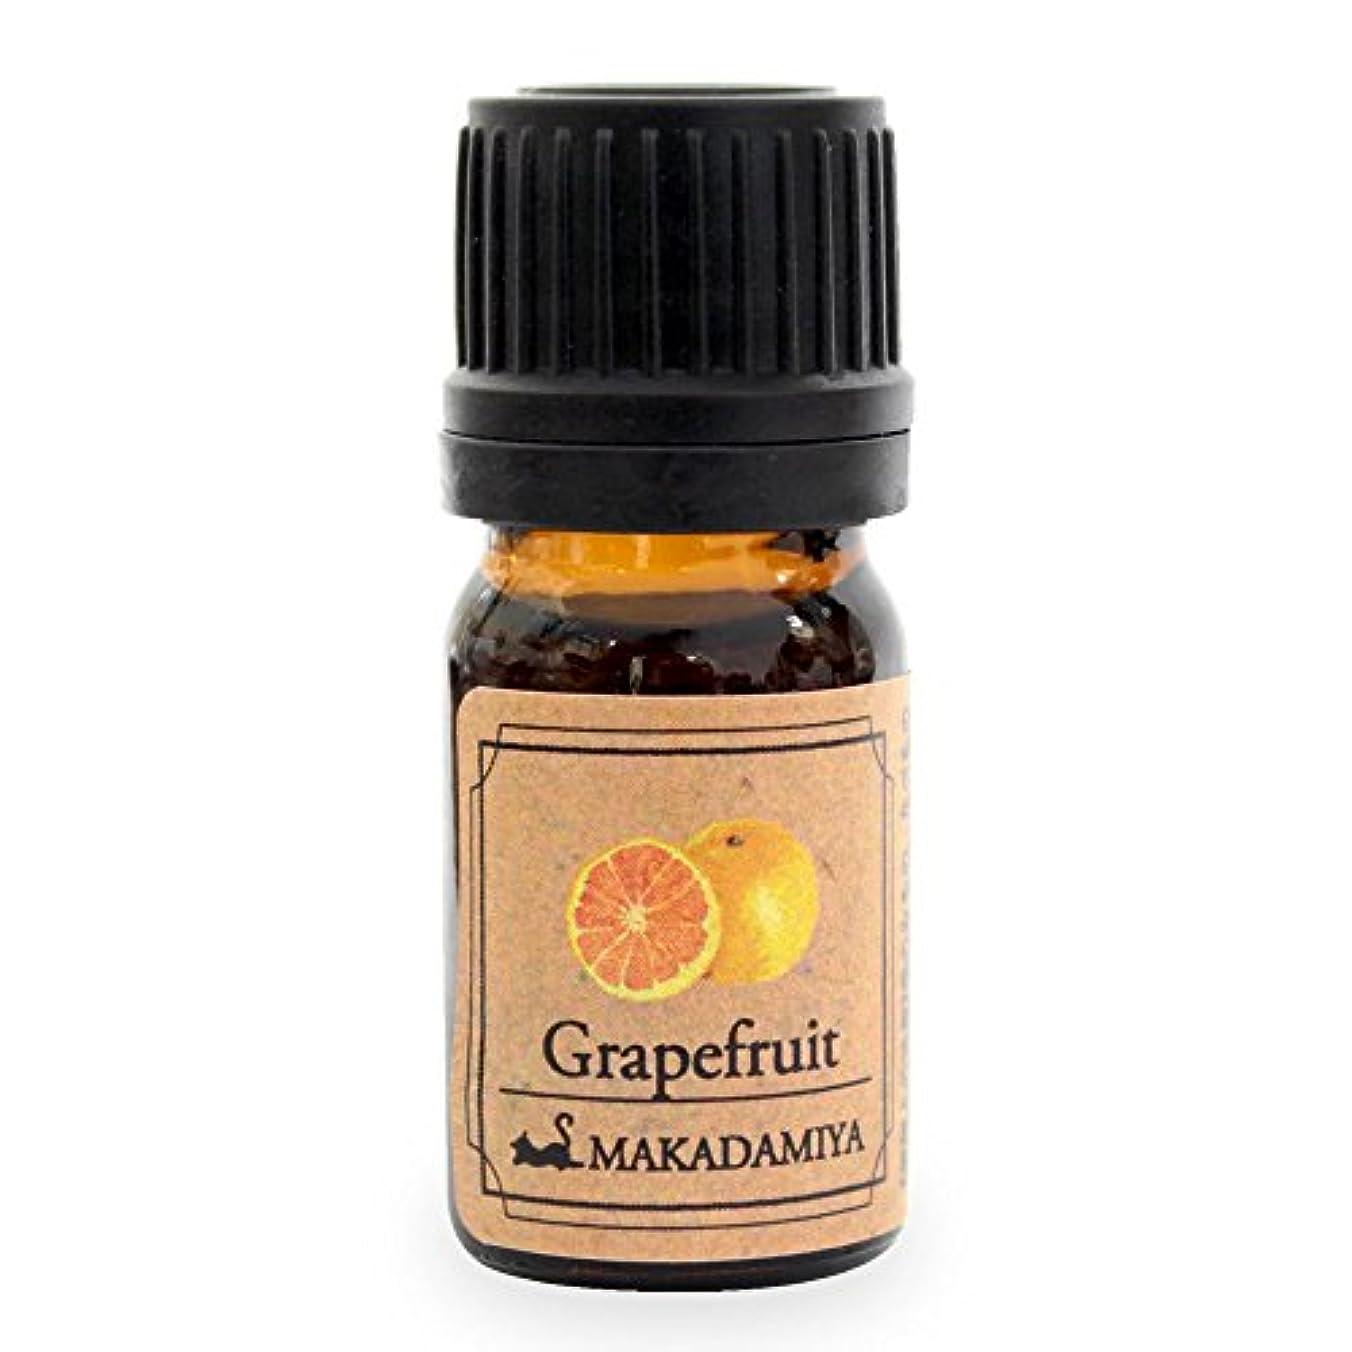 グラフ印象派グレープフルーツ5ml 天然100%植物性 エッセンシャルオイル(精油) アロマオイル アロママッサージ aroma Grapefruit